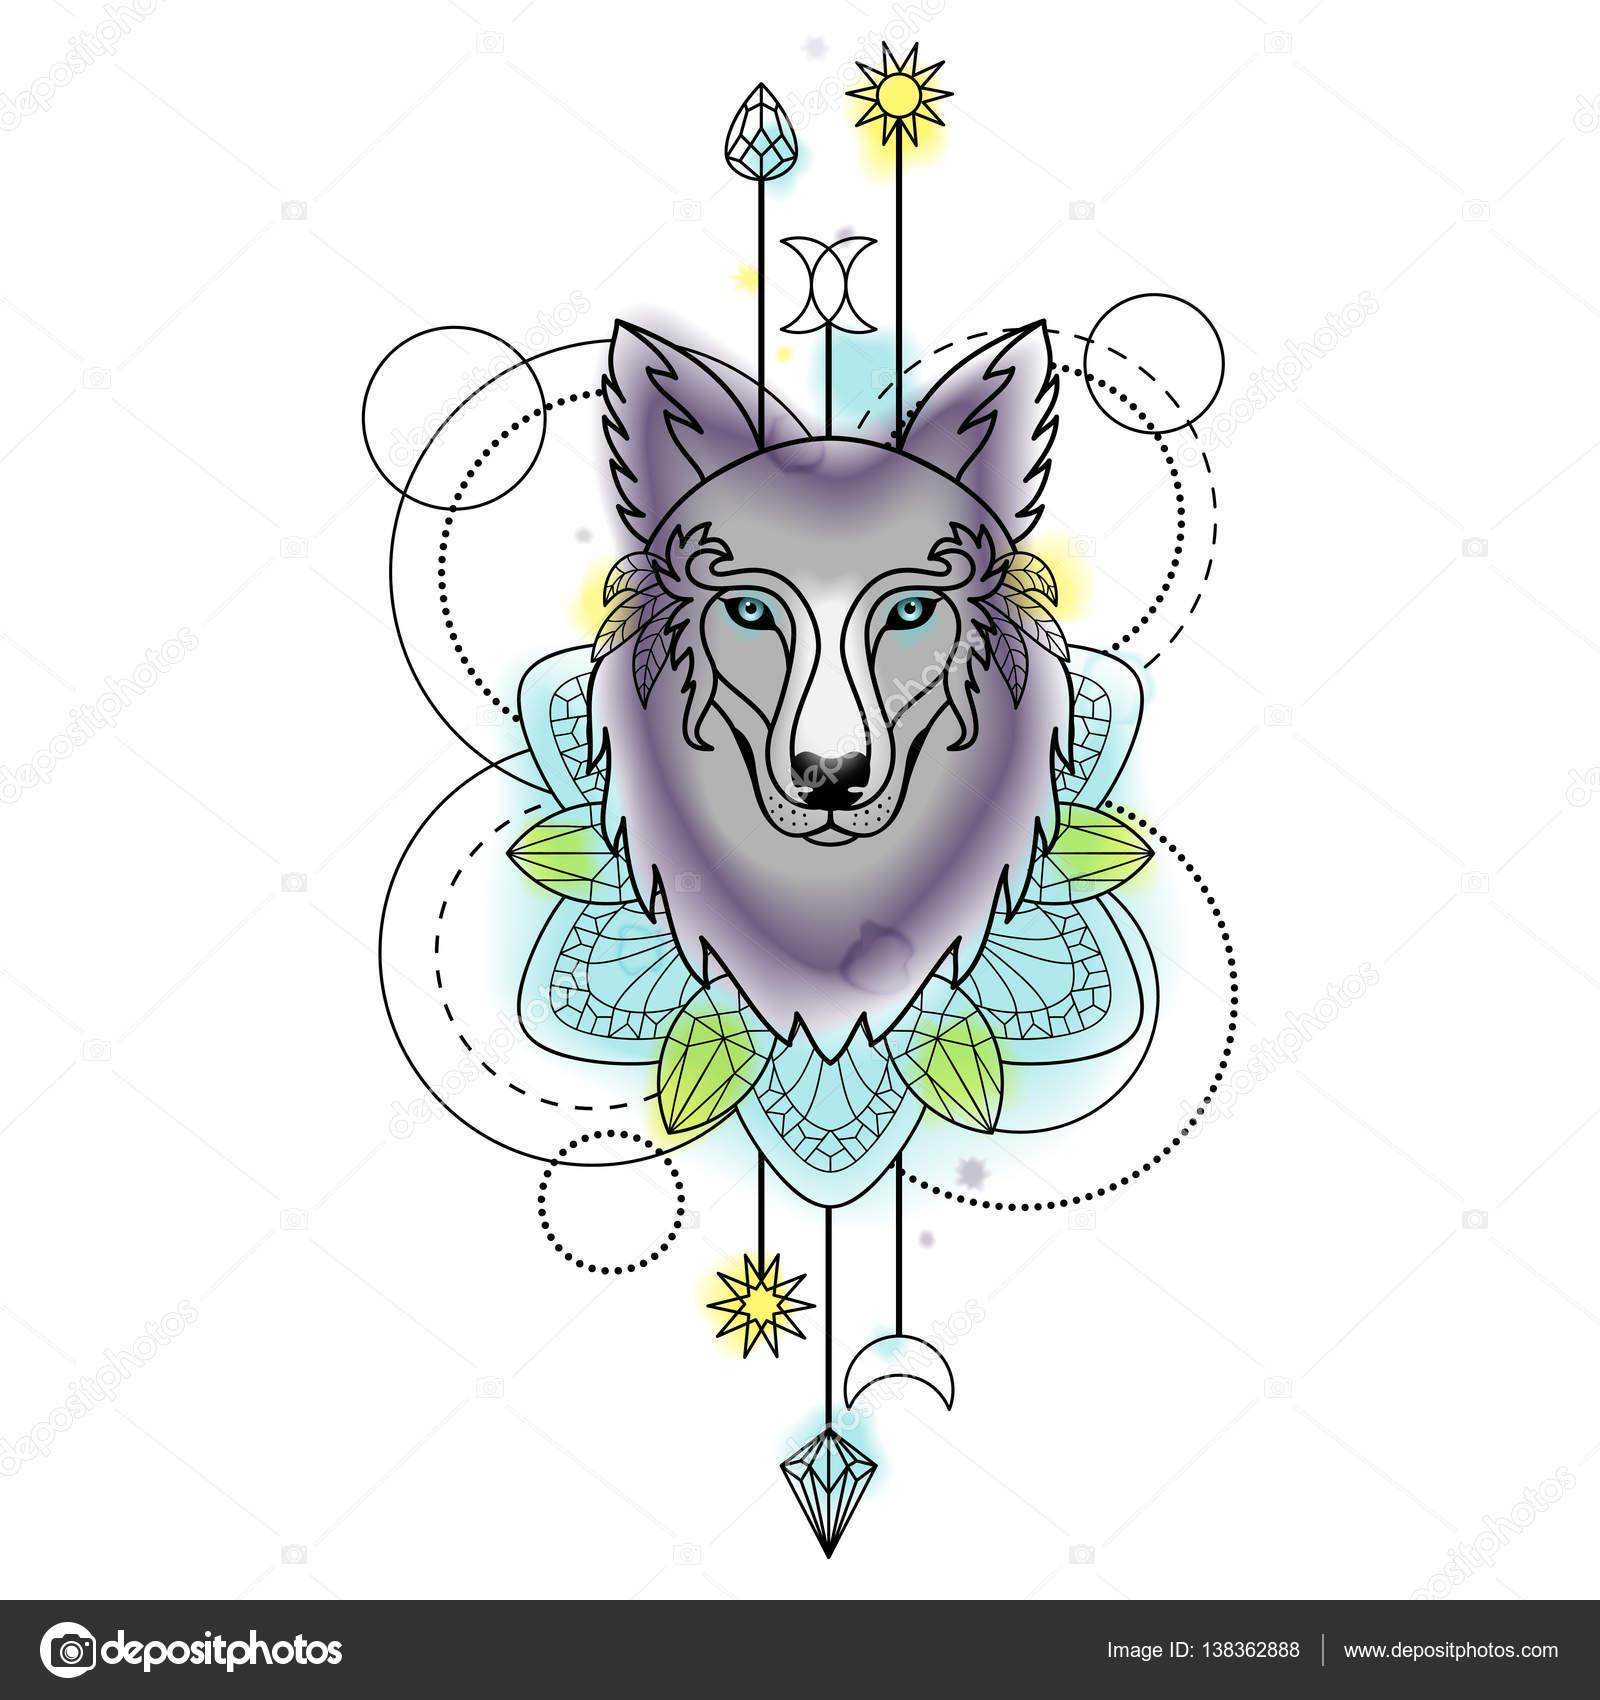 Aquarell Abstrakt Wolf Tattoo Stockvektor C Kronalux 138362888